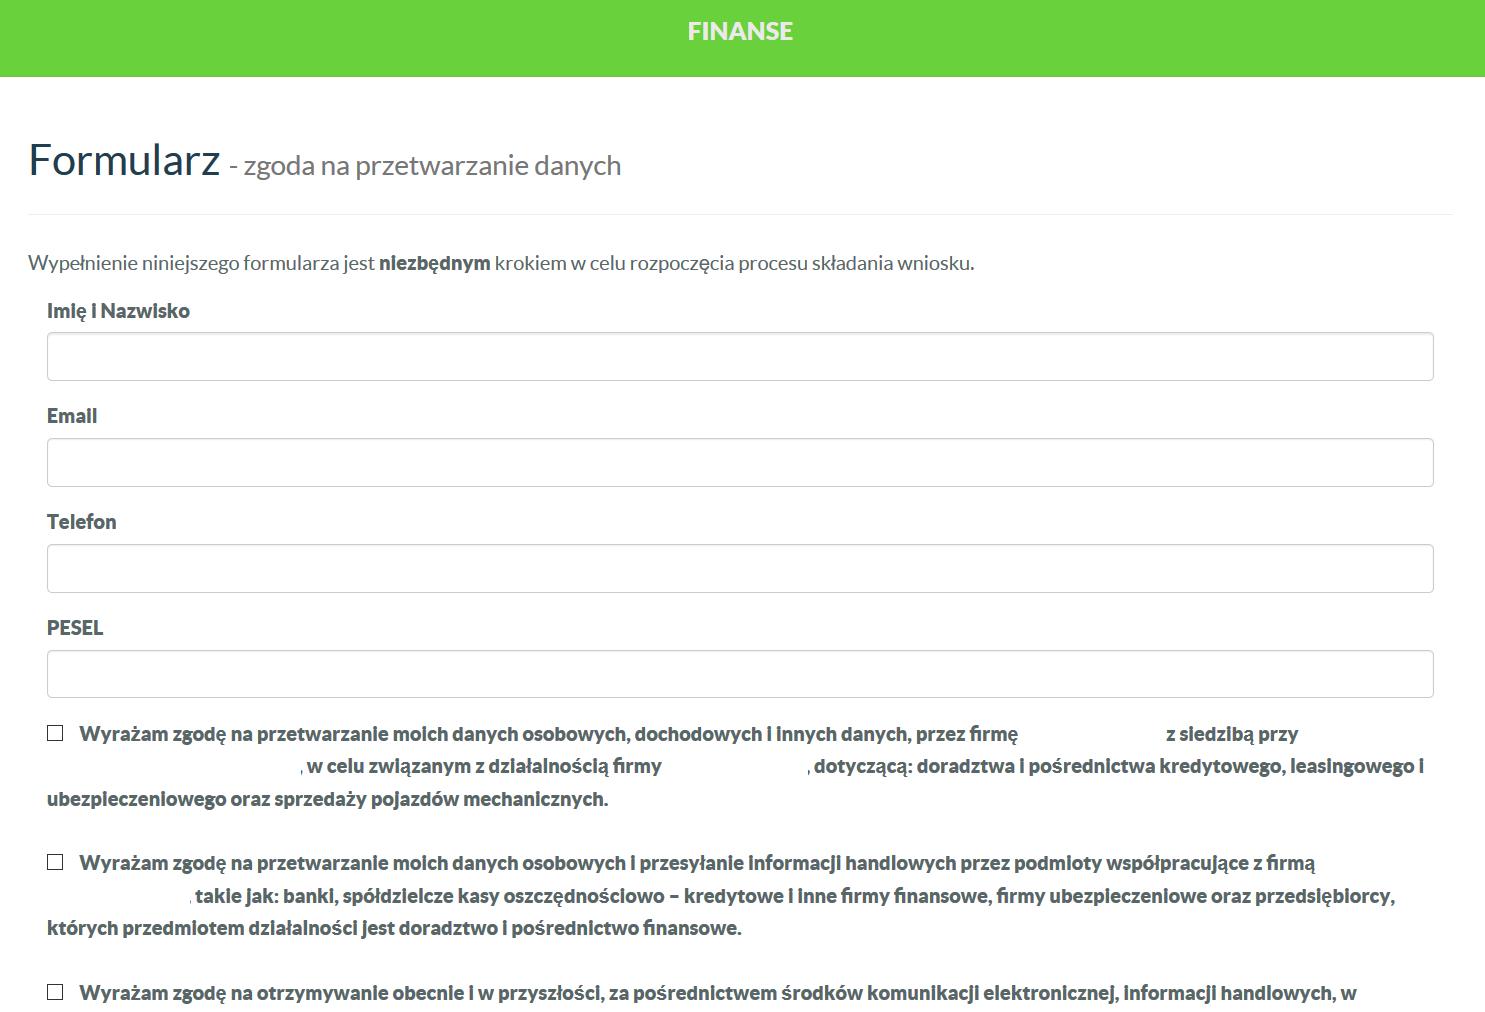 Witryna - formularz wraz z obsługą mailingu, umożliwiająca pozyskanie zgody na przetwarzanie danych osobowych na potrzeby ustawy RODO.